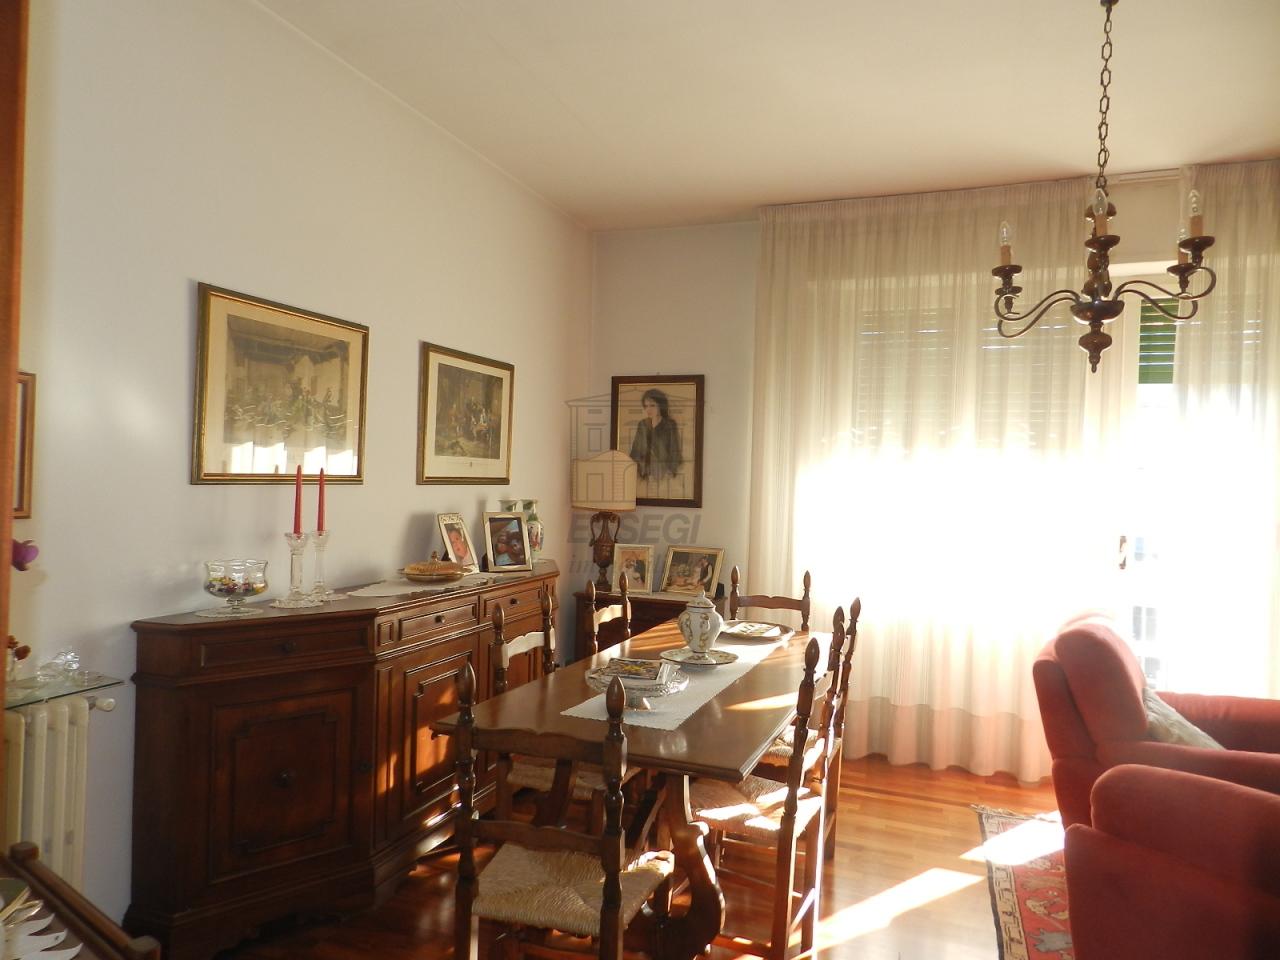 Appartamento in vendita a Lucca, 6 locali, prezzo € 180.000 | Cambio Casa.it